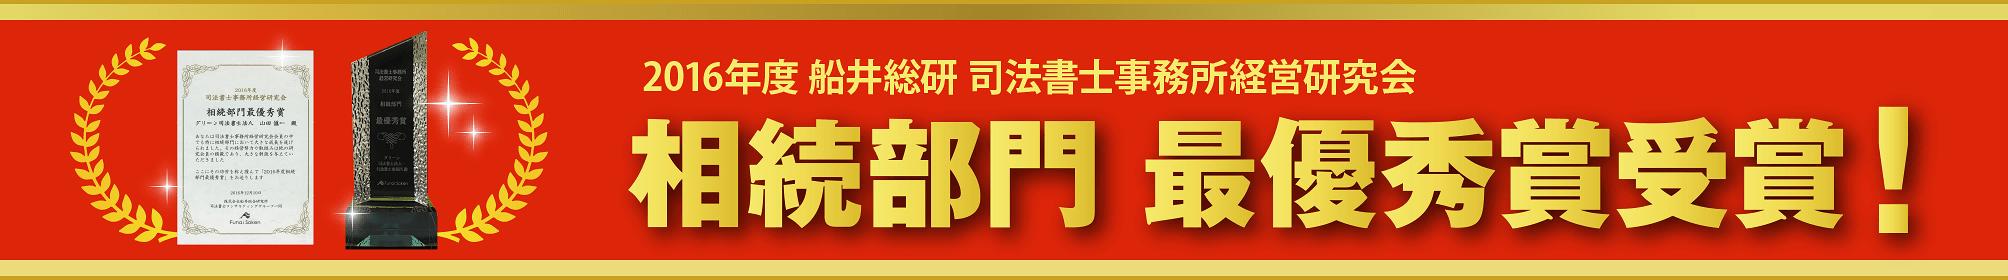 2016年船井総研 司法書士事務所経営研究会 相続部門 最優秀賞受賞